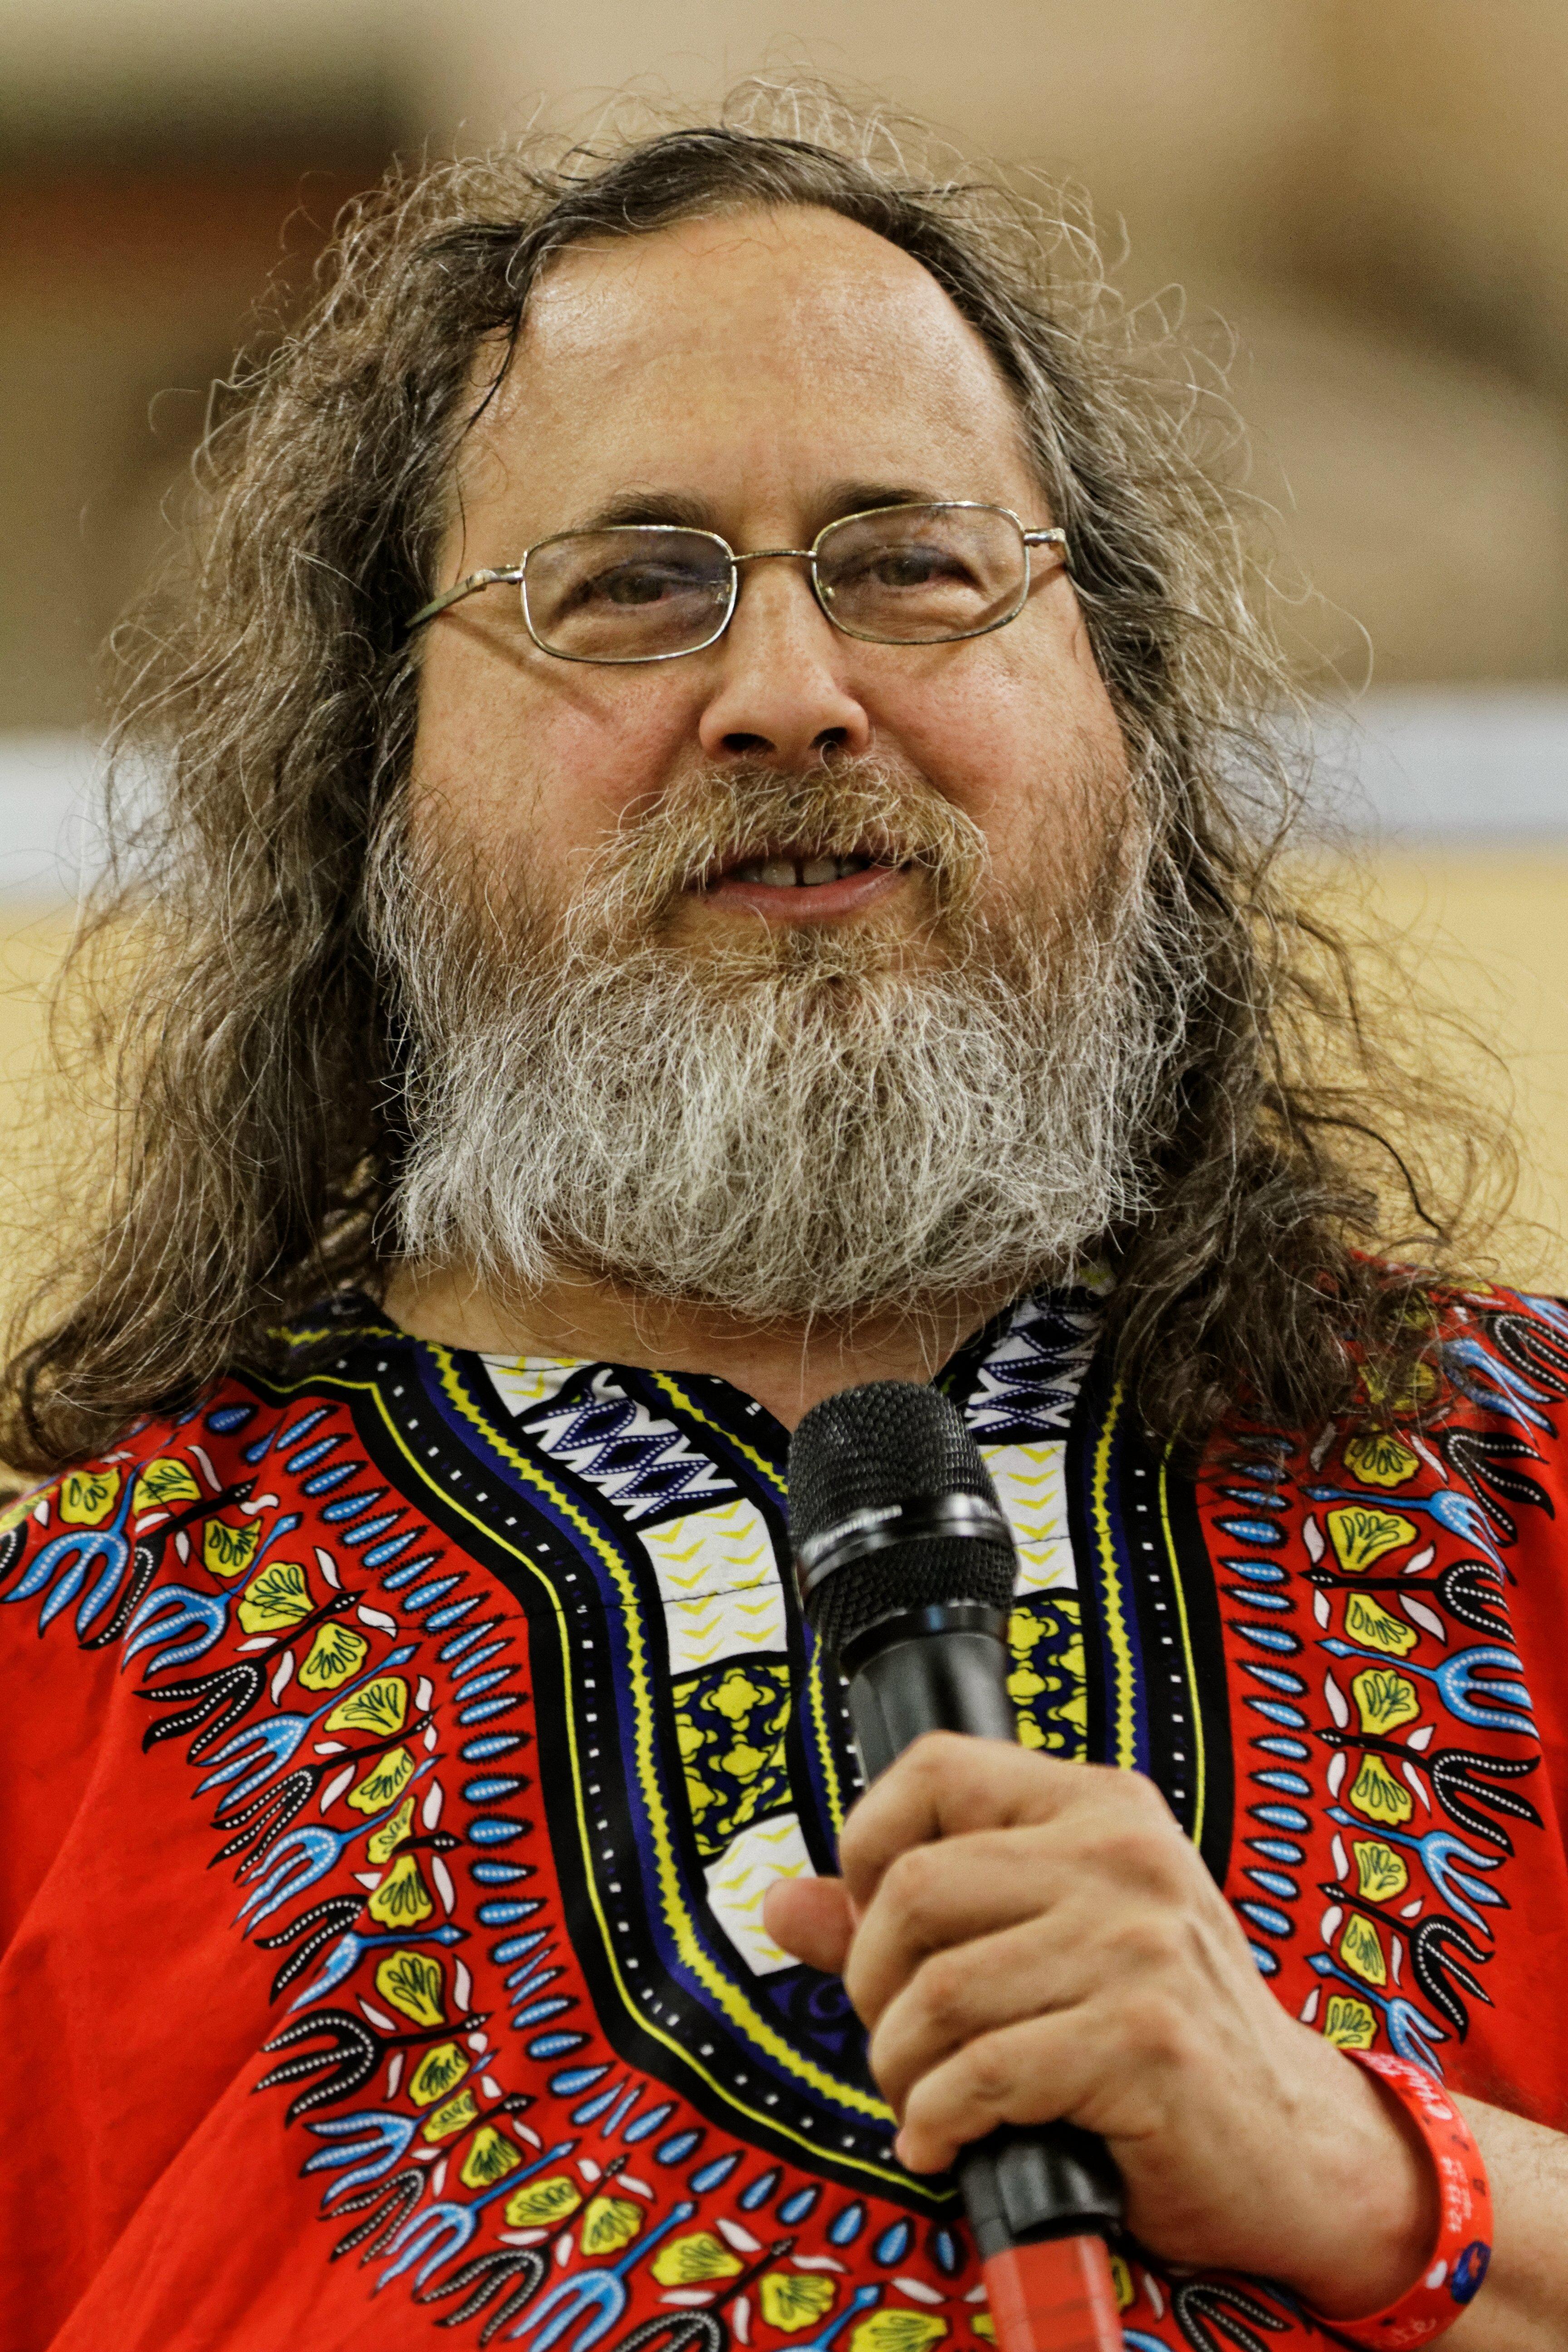 https://upload.wikimedia.org/wikipedia/commons/7/7b/Richard_Stallman_-_F%C3%AAte_de_l'Humanit%C3%A9_2014_-_010.jpg